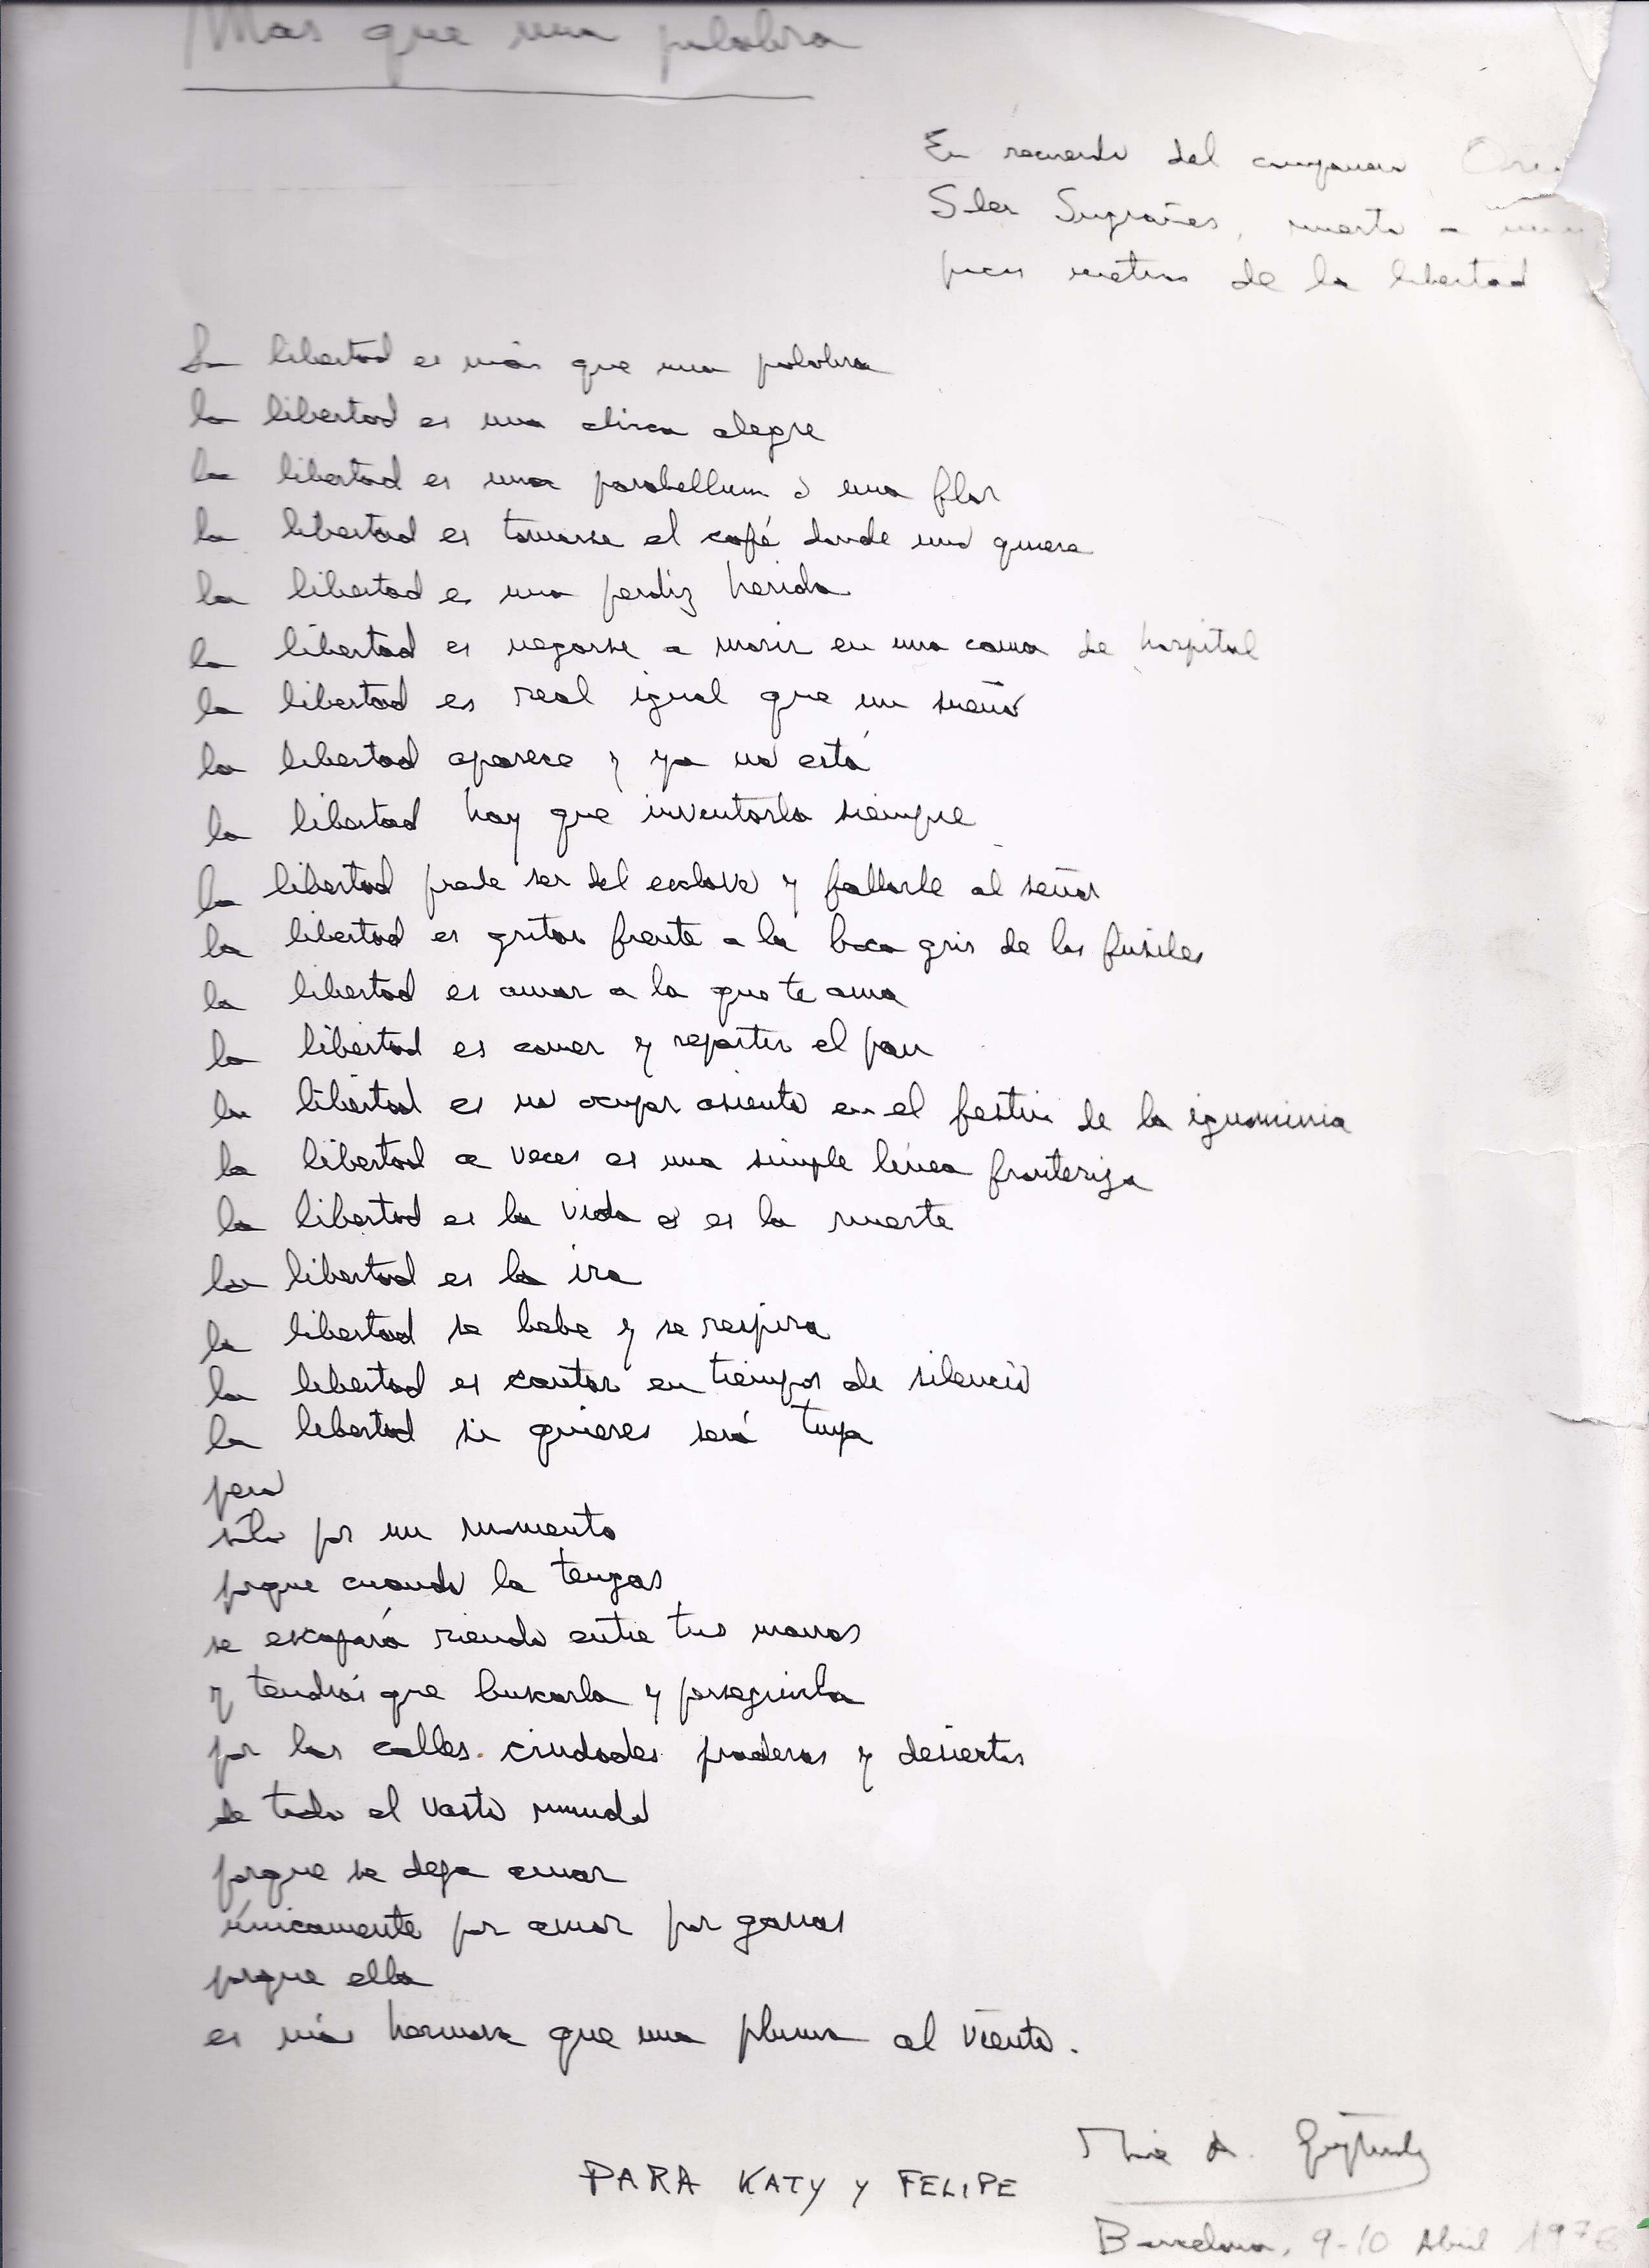 L'original del poema de José Agustín Goytisolo, pel qual va rebre una multa de 80.000 pessetes de l'època.